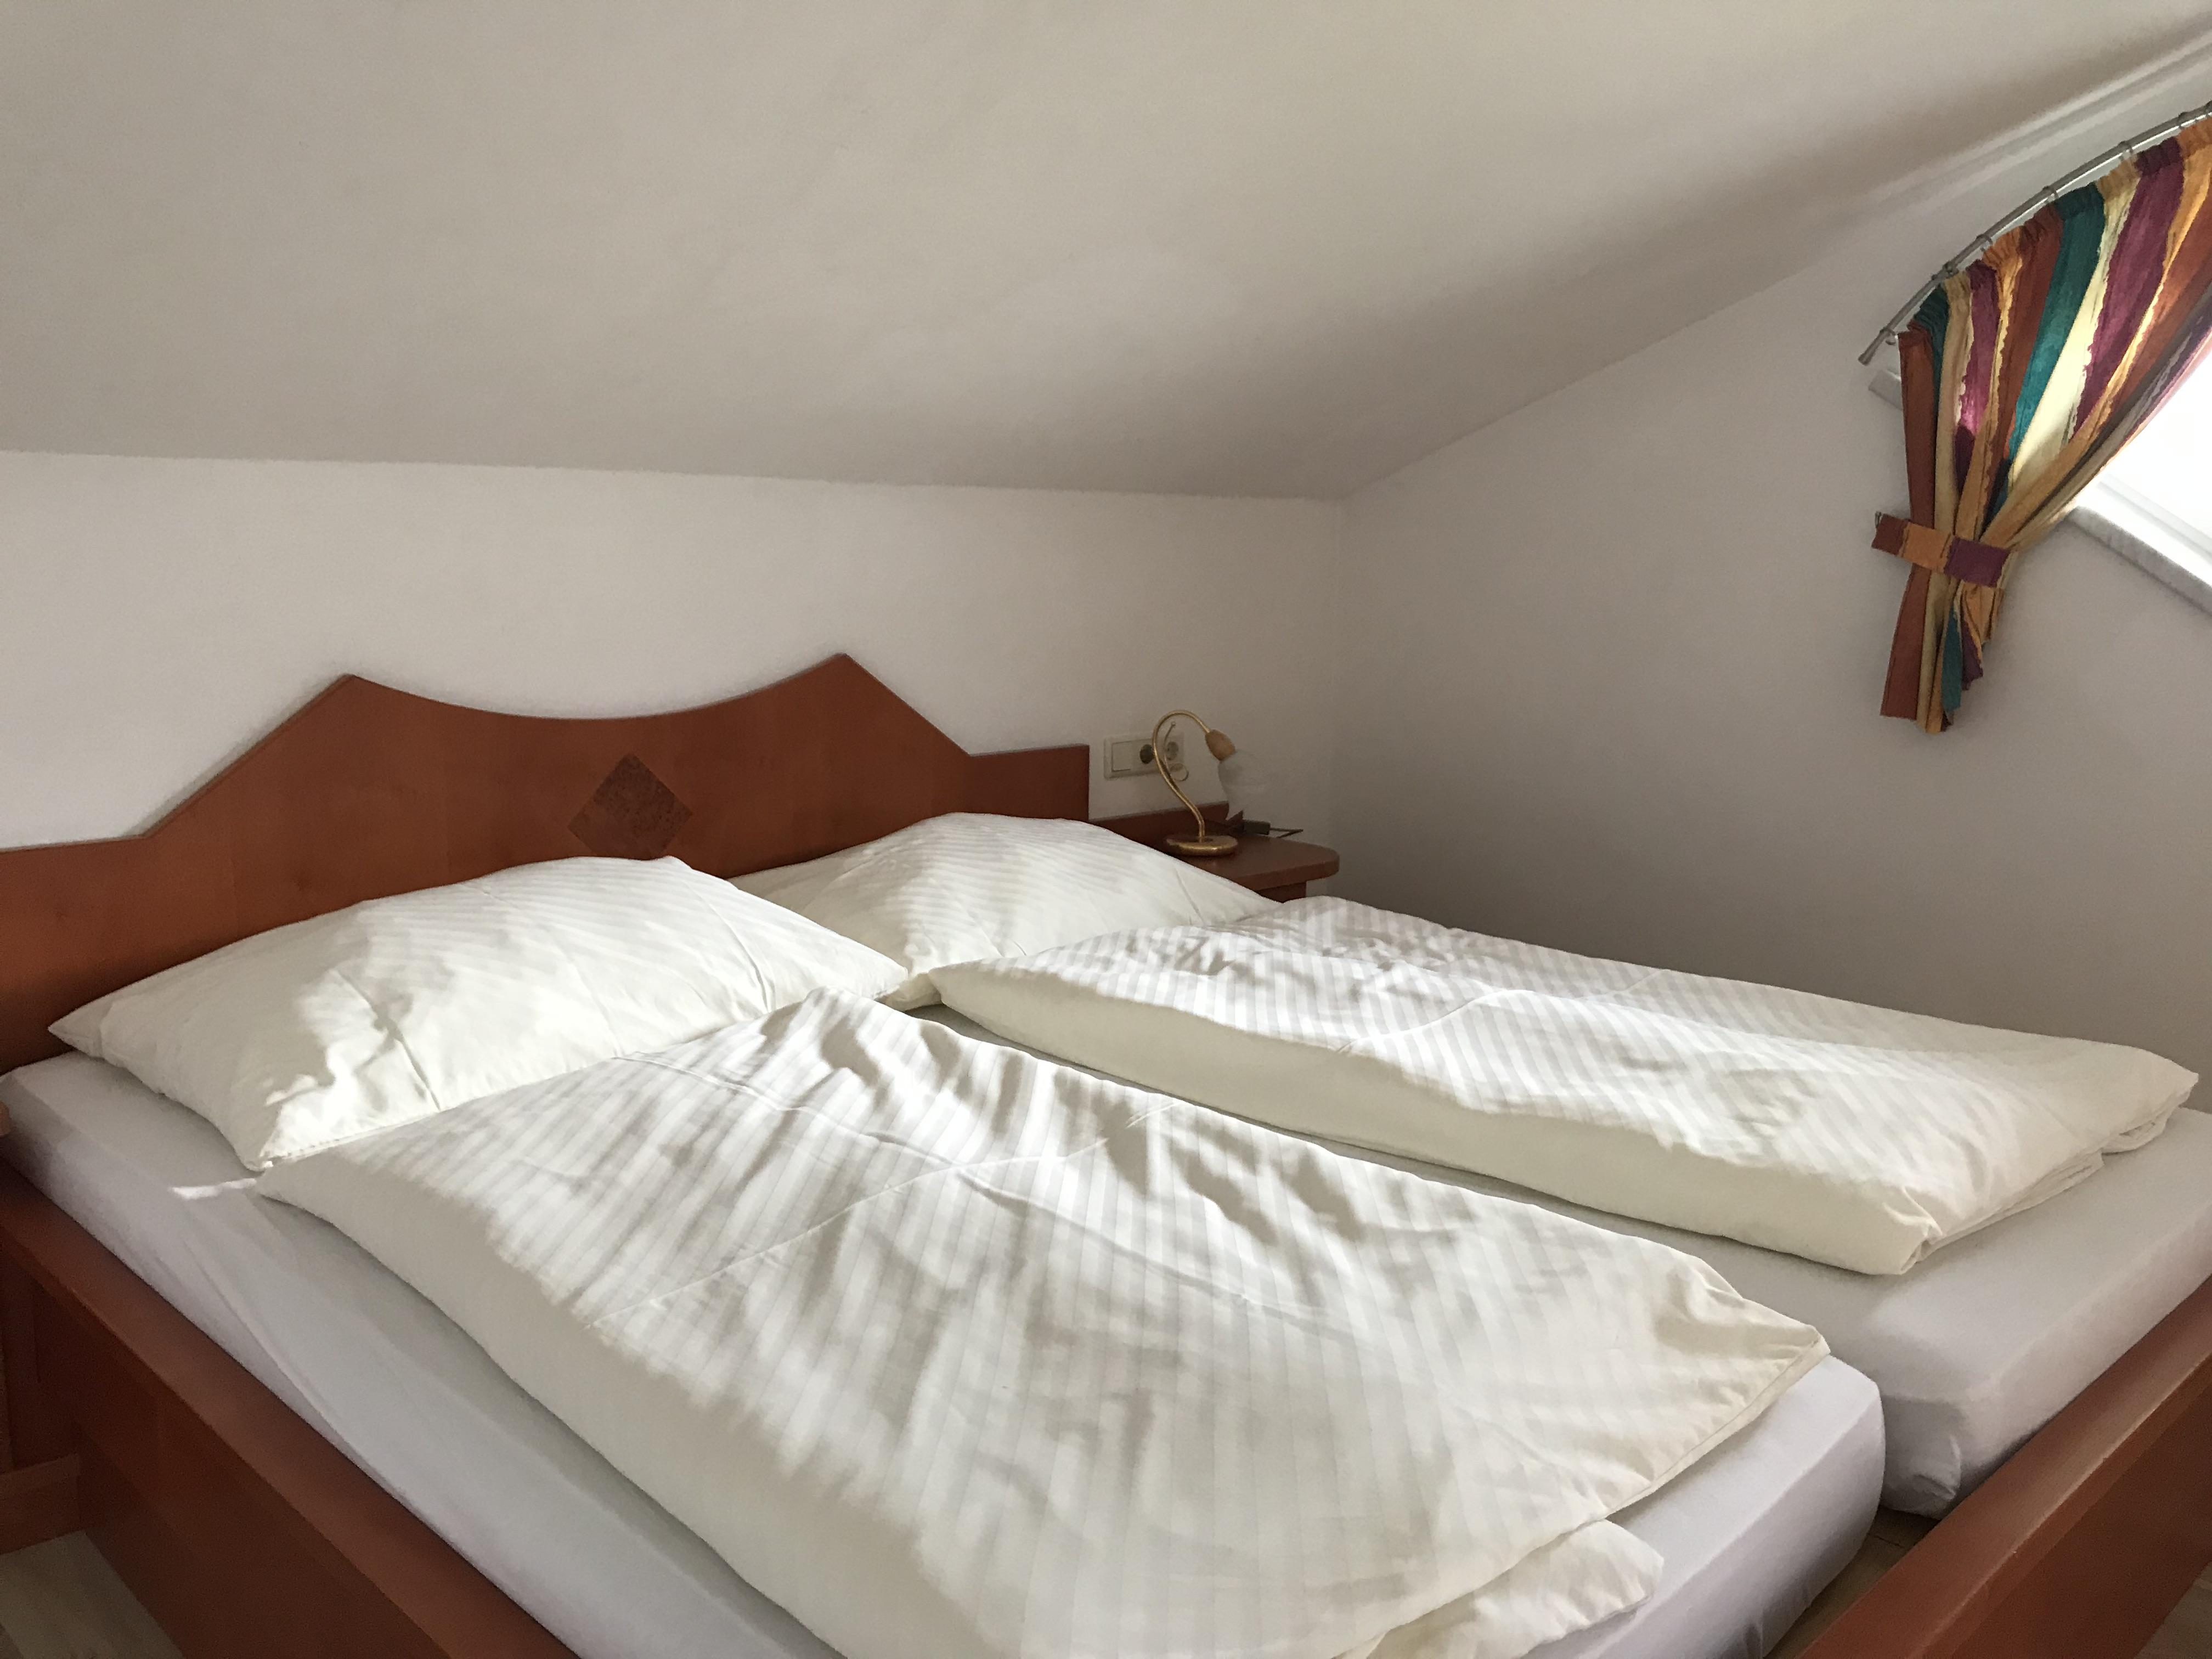 Großglockner_Schlafzimmer_2_1